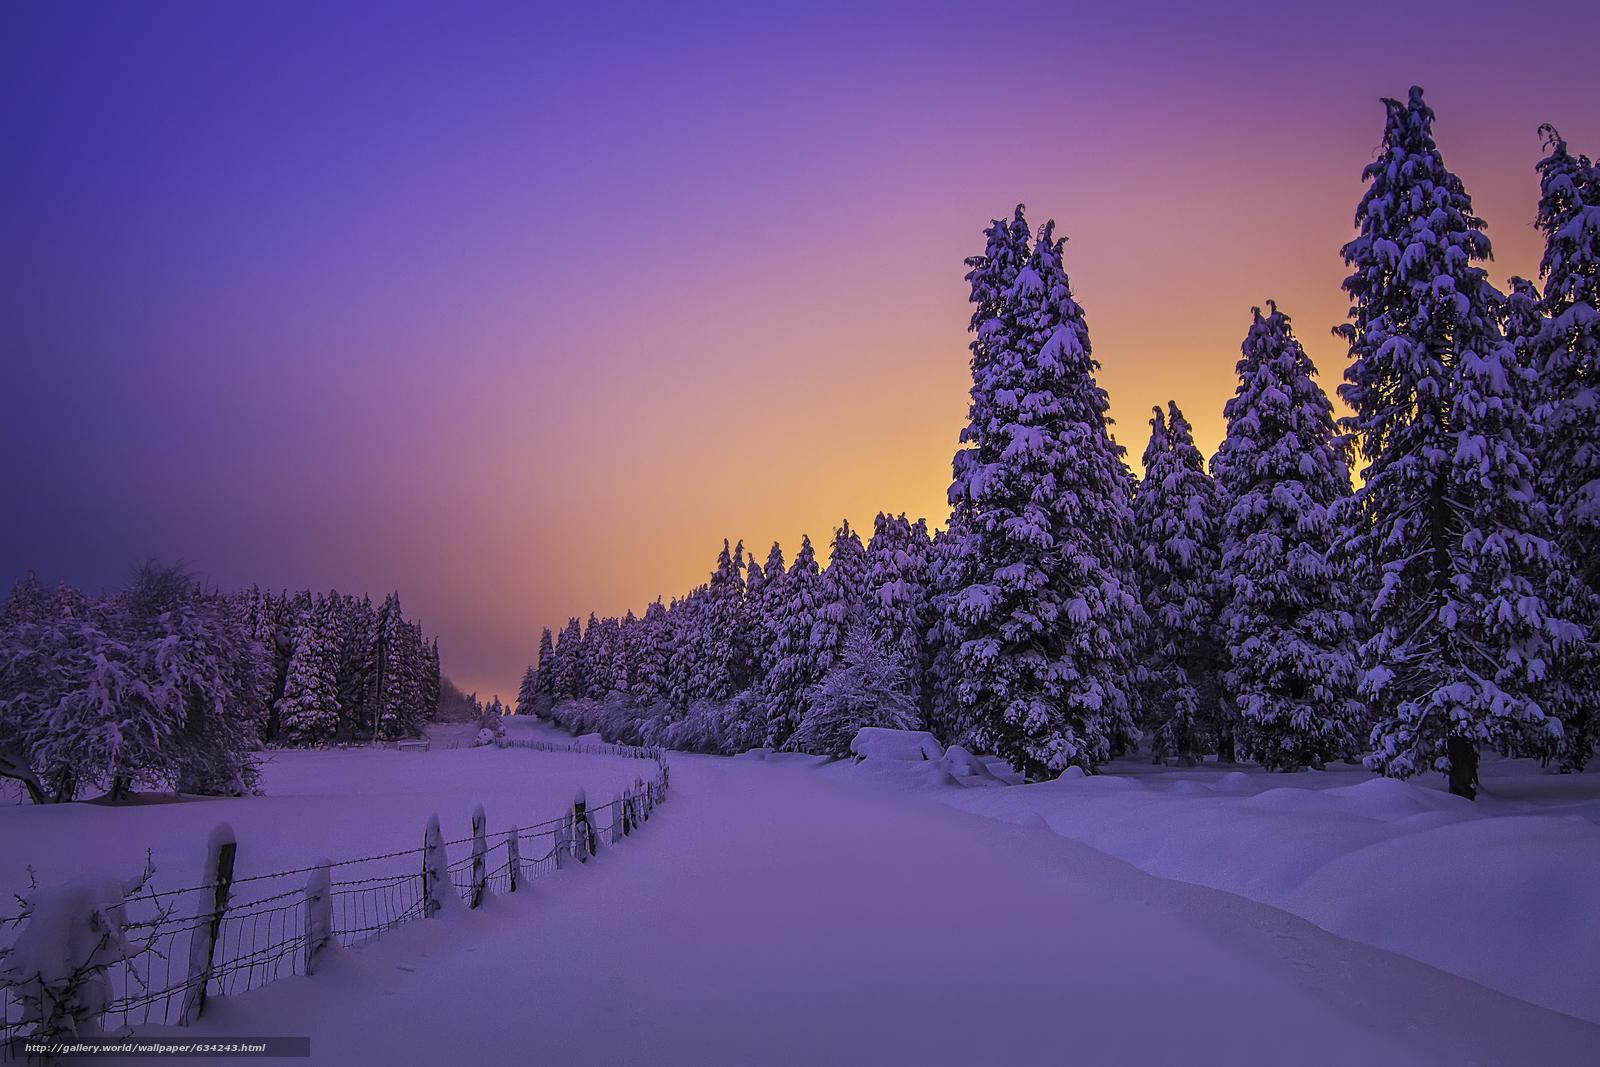 Tlcharger Fond d'ecran Snowy Night Lights,  Forêt Otzarreta,  Pays Basque,  Espagne Fonds d'ecran gratuits pour votre rsolution du bureau 4962x3308 — image №634243